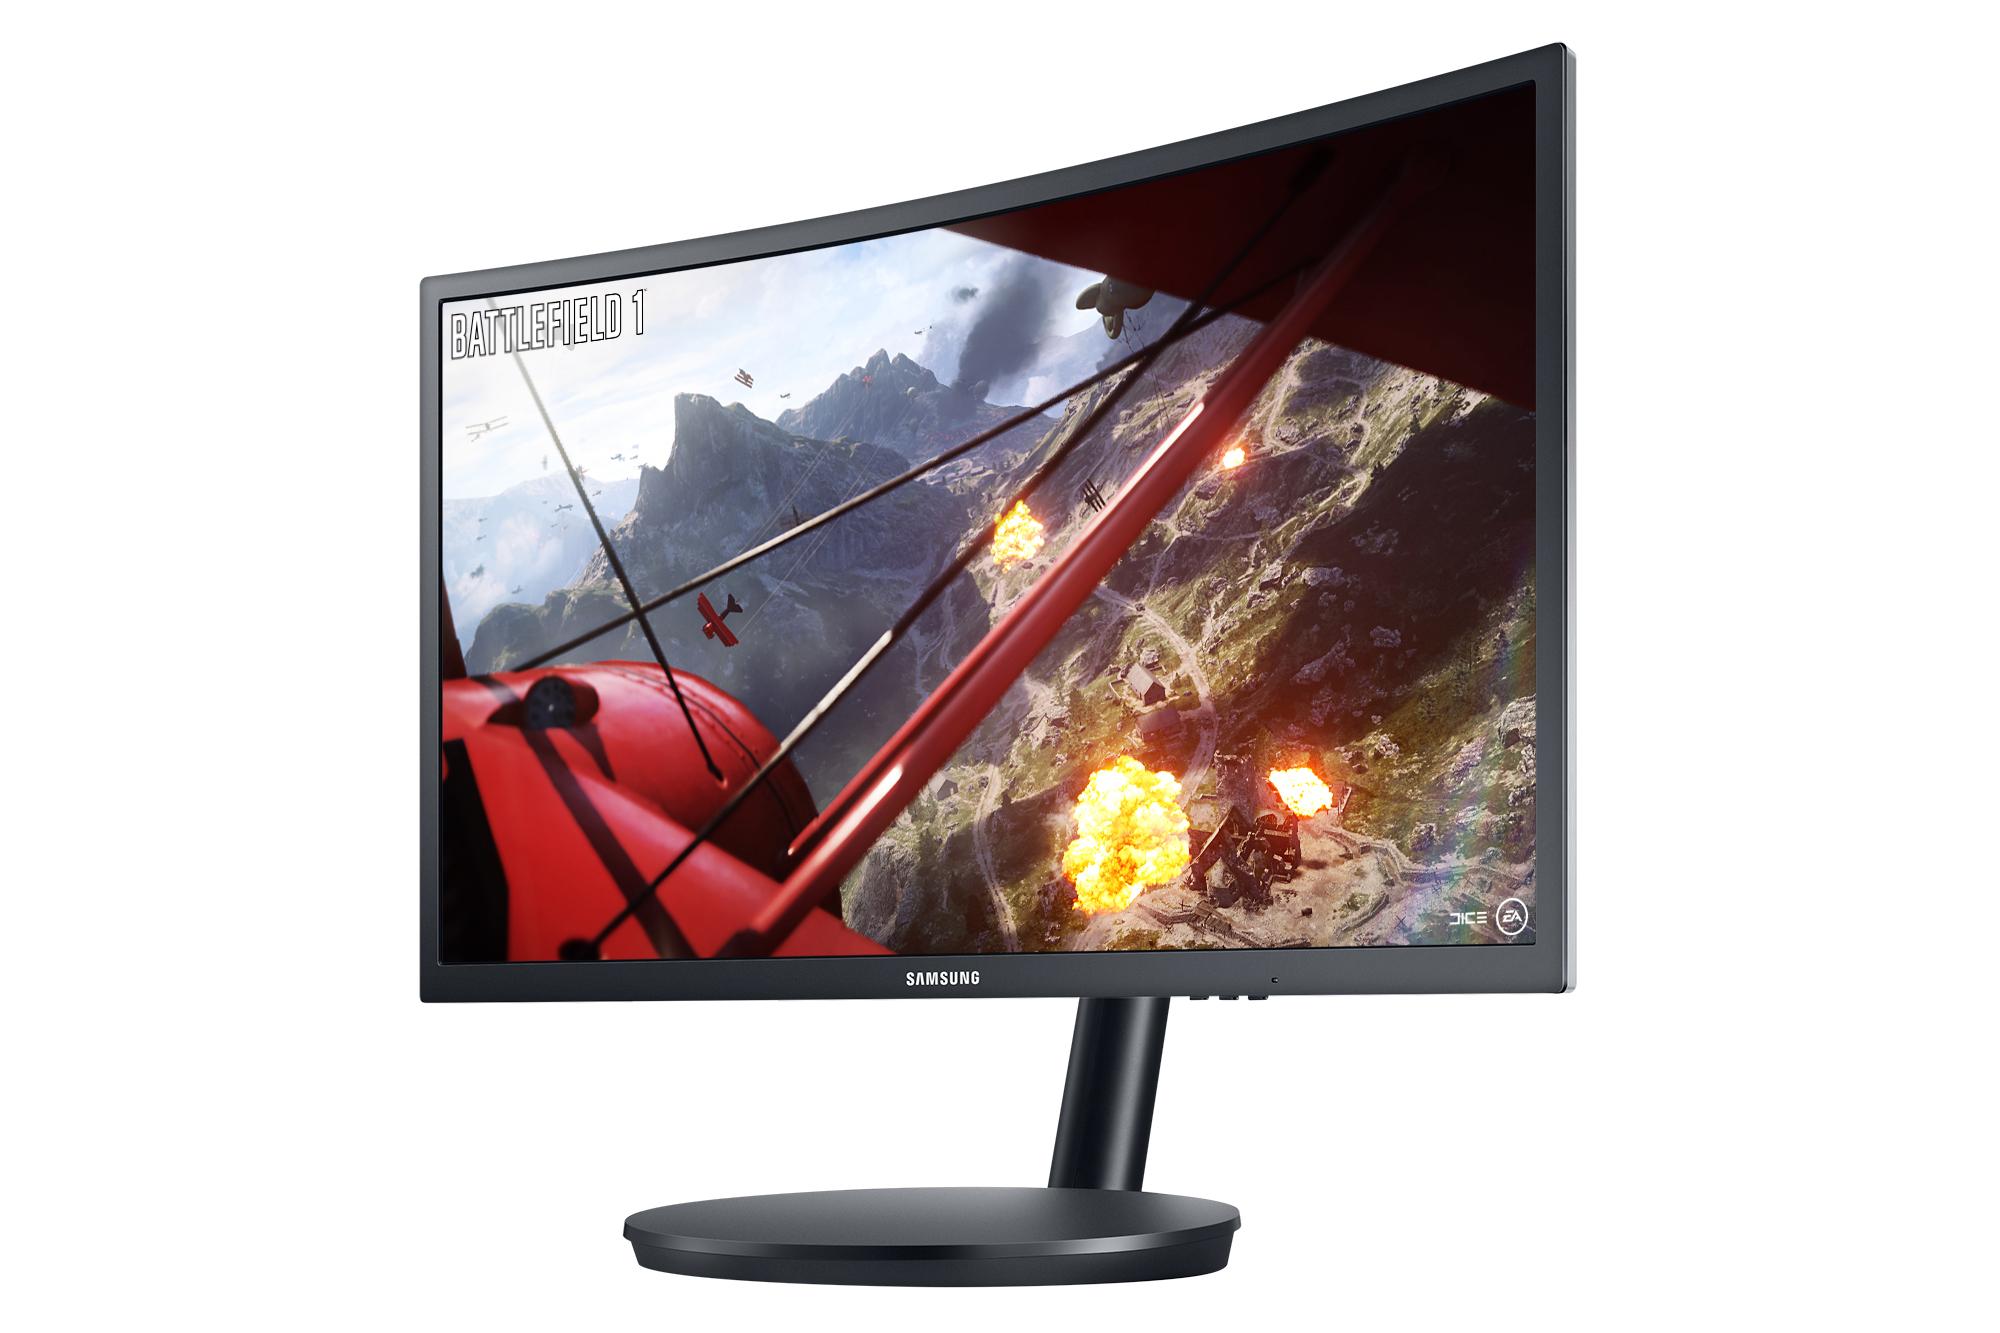 Kết quả hình ảnh cho Samsung CFG70 Review : A Curved Gaming Monitor Done Right